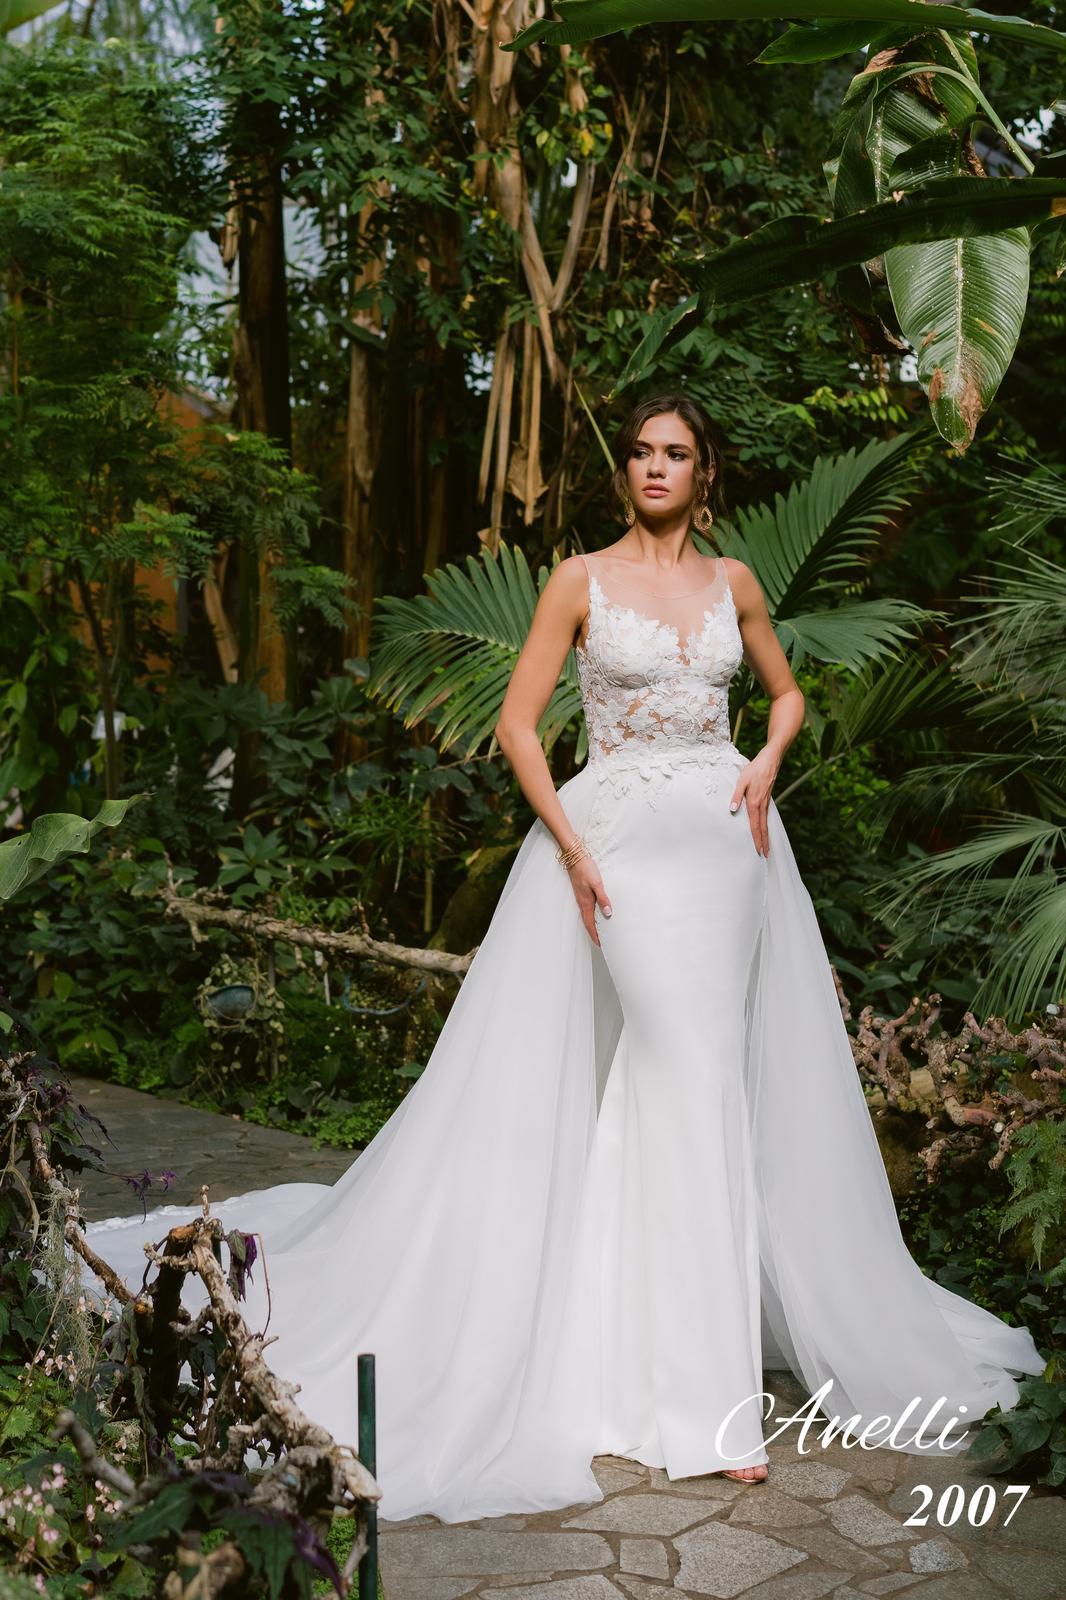 Svadobné šaty - Breeze 2007 - Obrázok č. 2